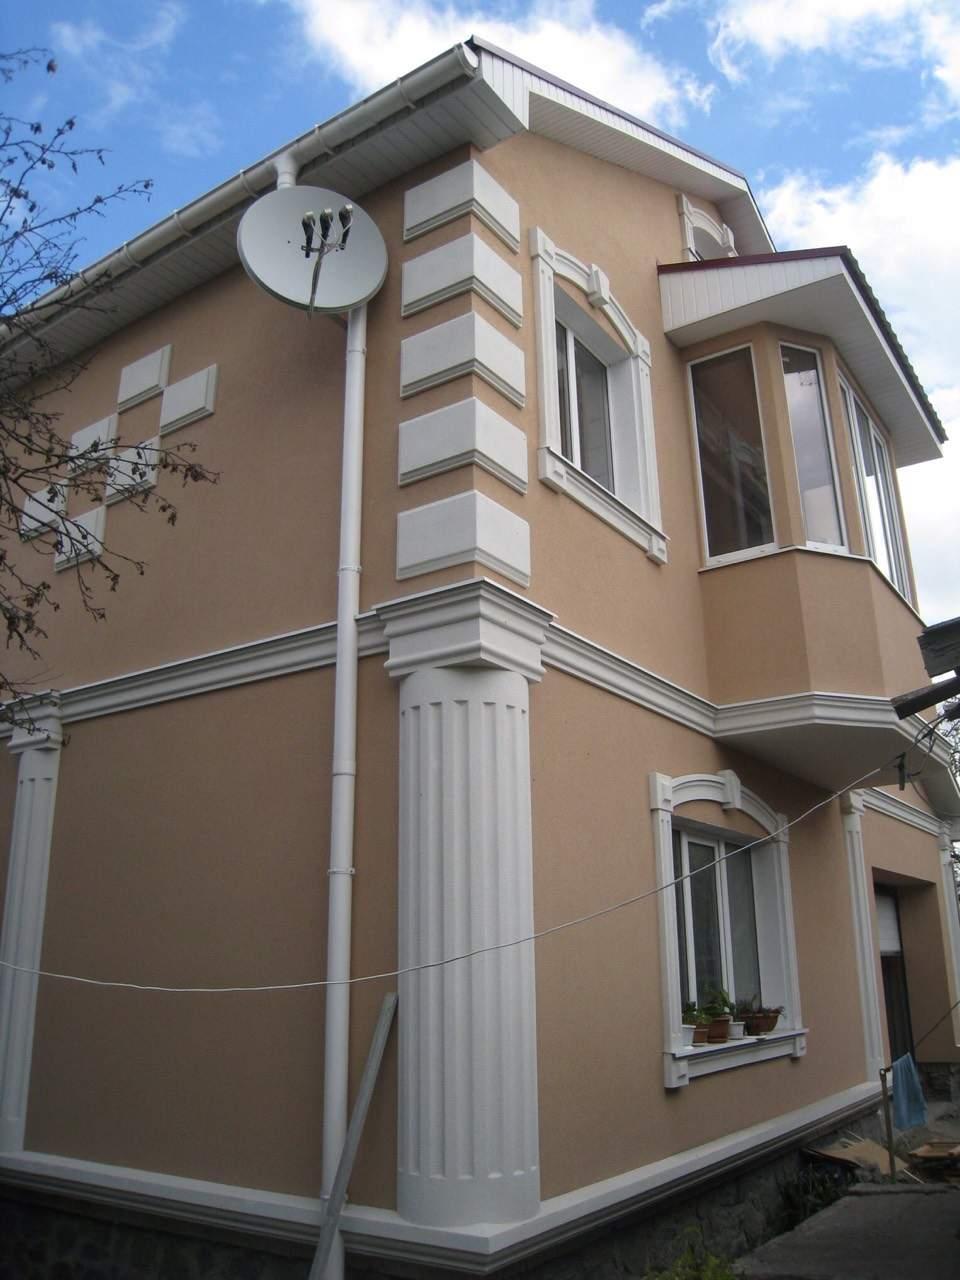 Какой толщины нужен пенопласт для утепления балкона?